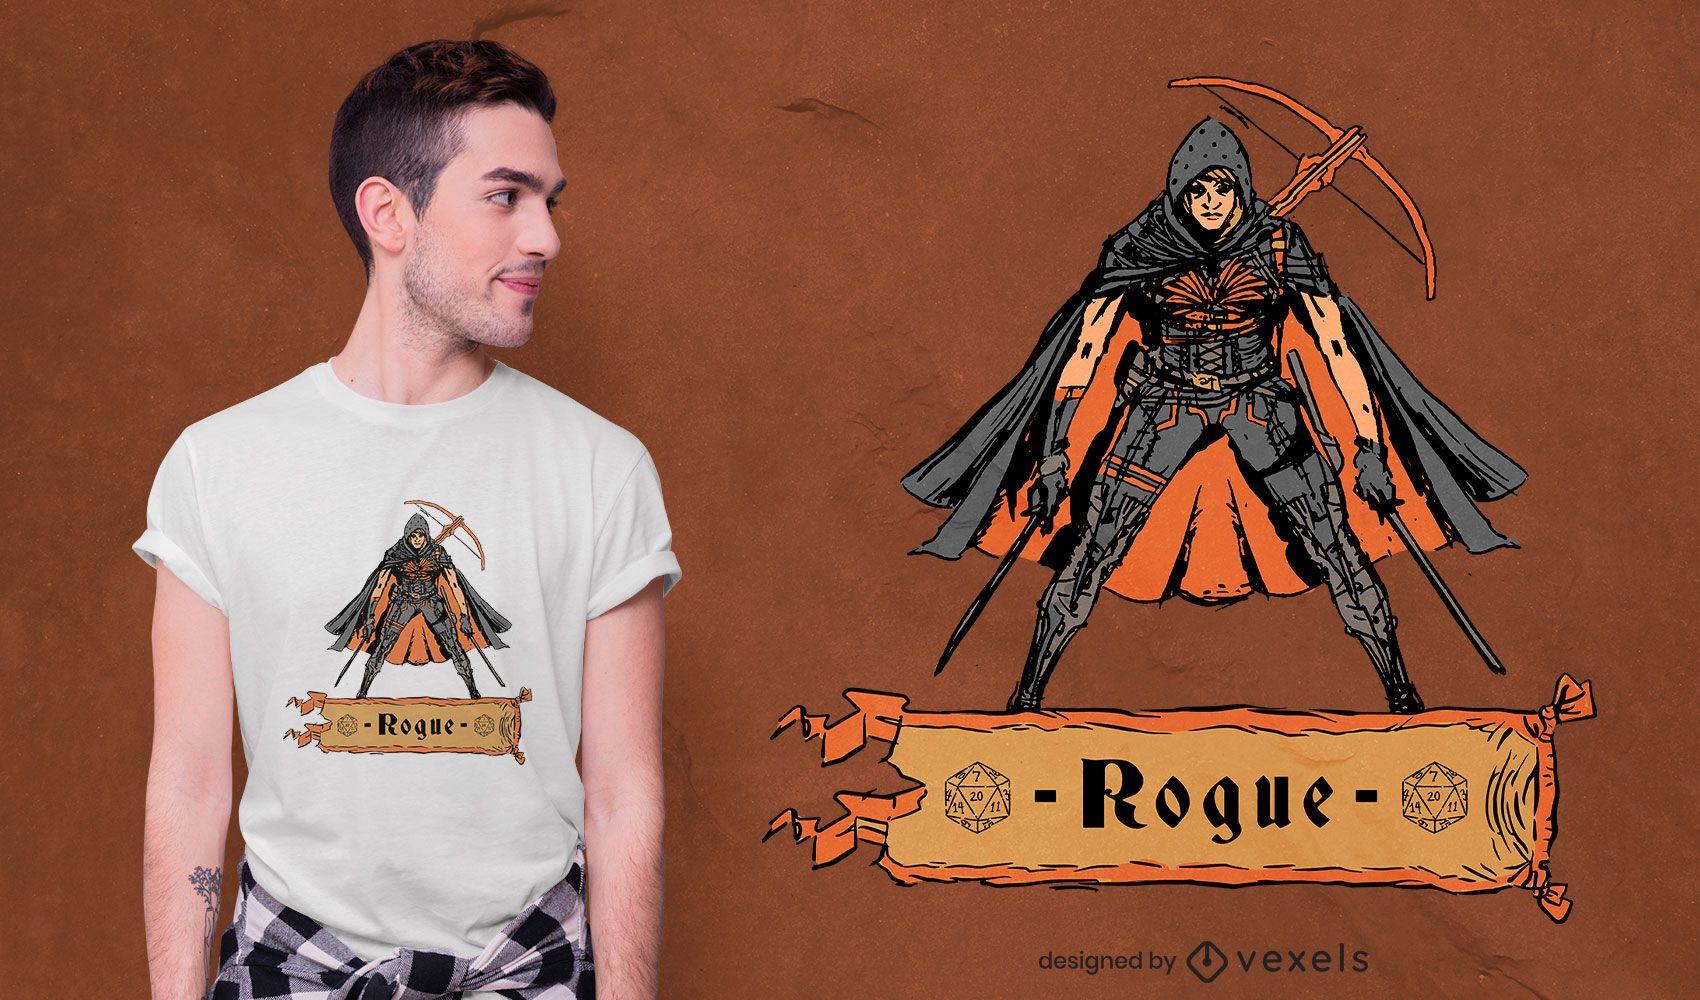 Diseño de camiseta de personaje de juego de rol pícaro.